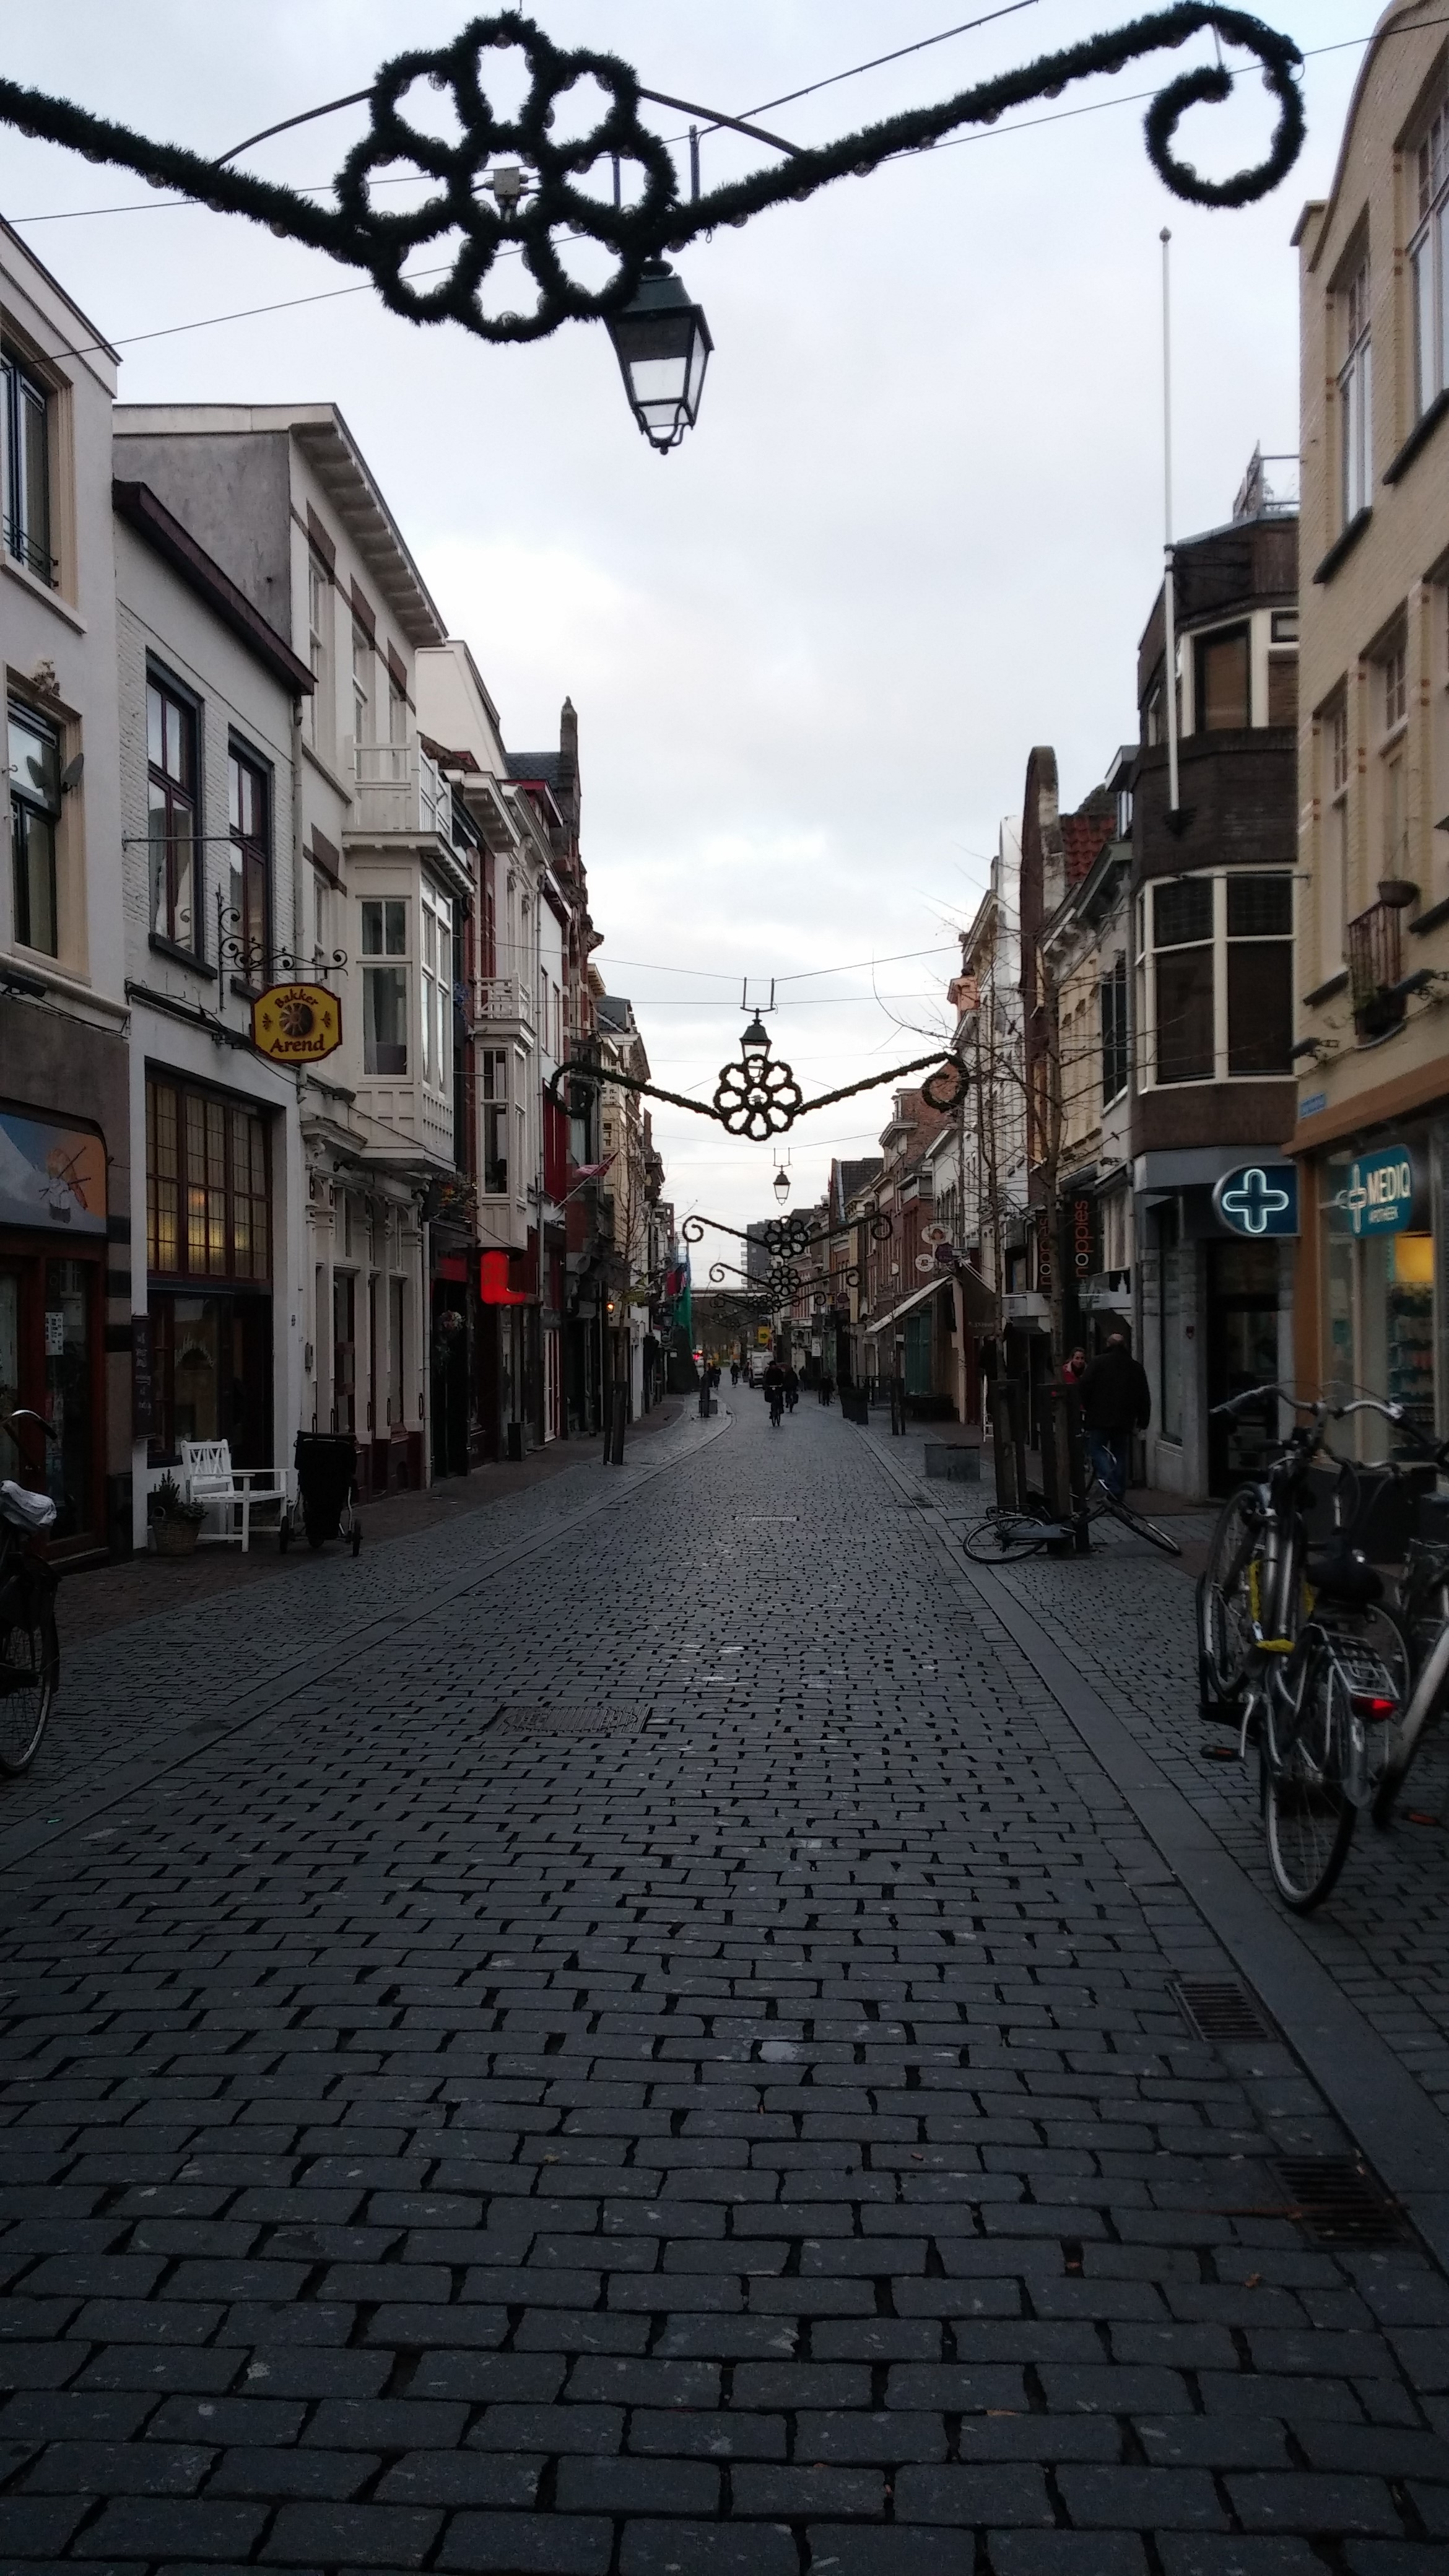 All of the streets in Nijmegen are bricks or cobblestones